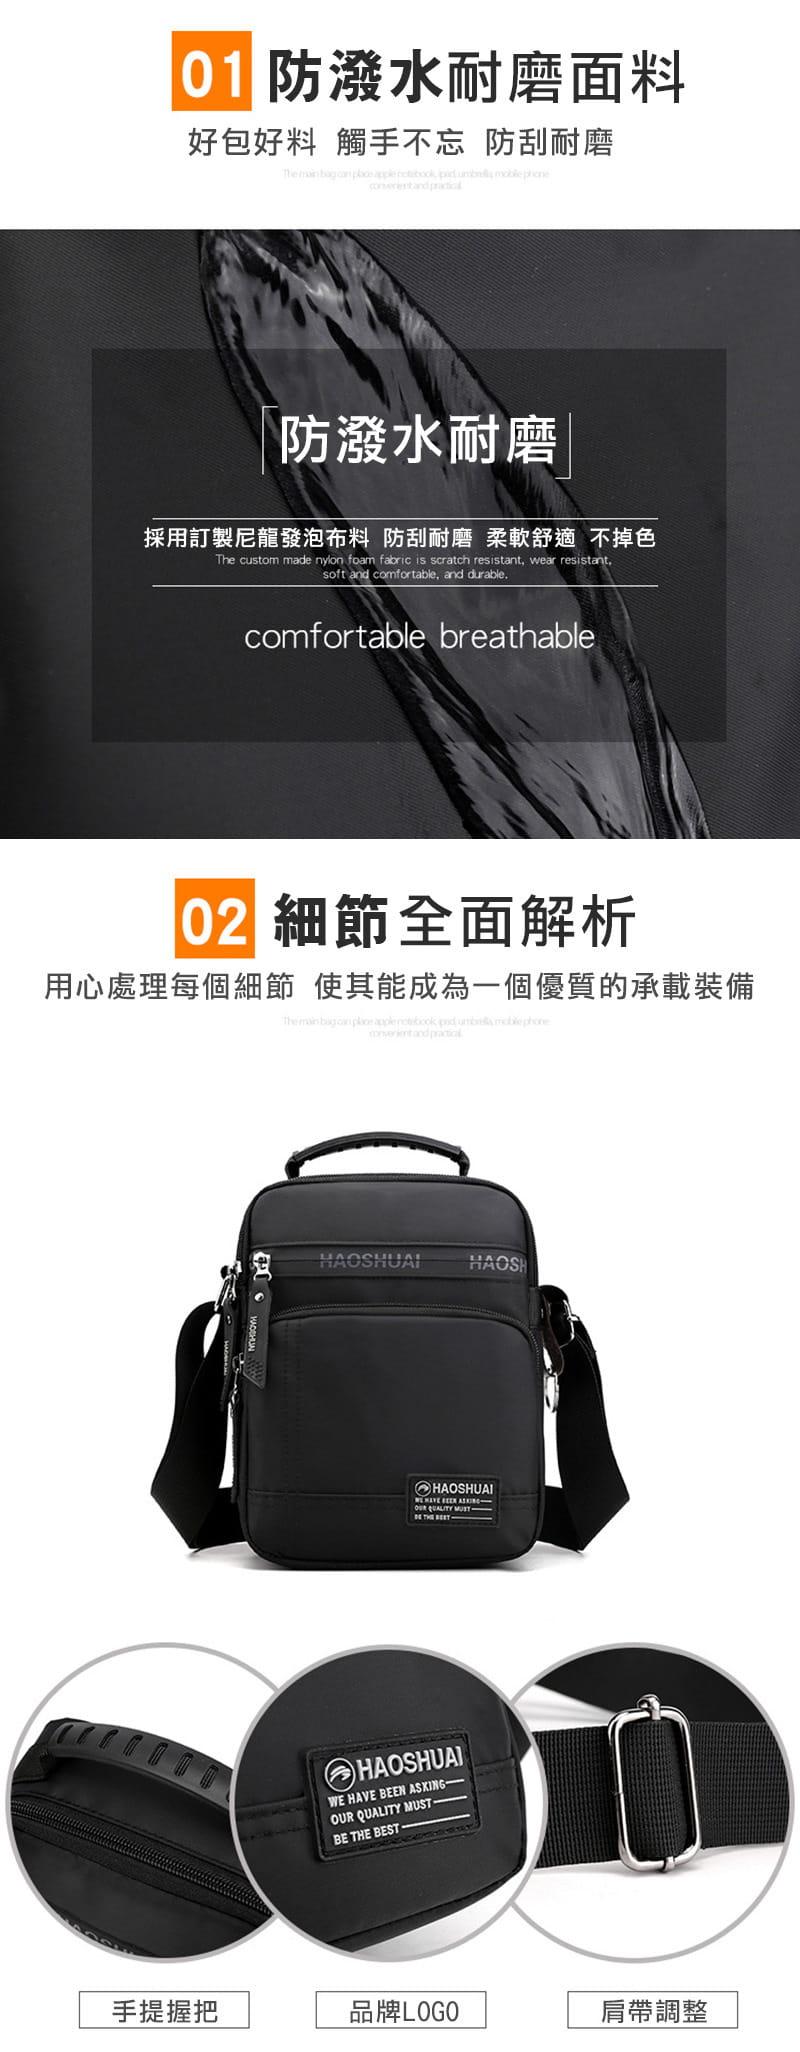 HAOSHUAI【休閒手提斜跨兩用包】(黑色)肩背包 斜背包 單肩包 手提包 1300# 5